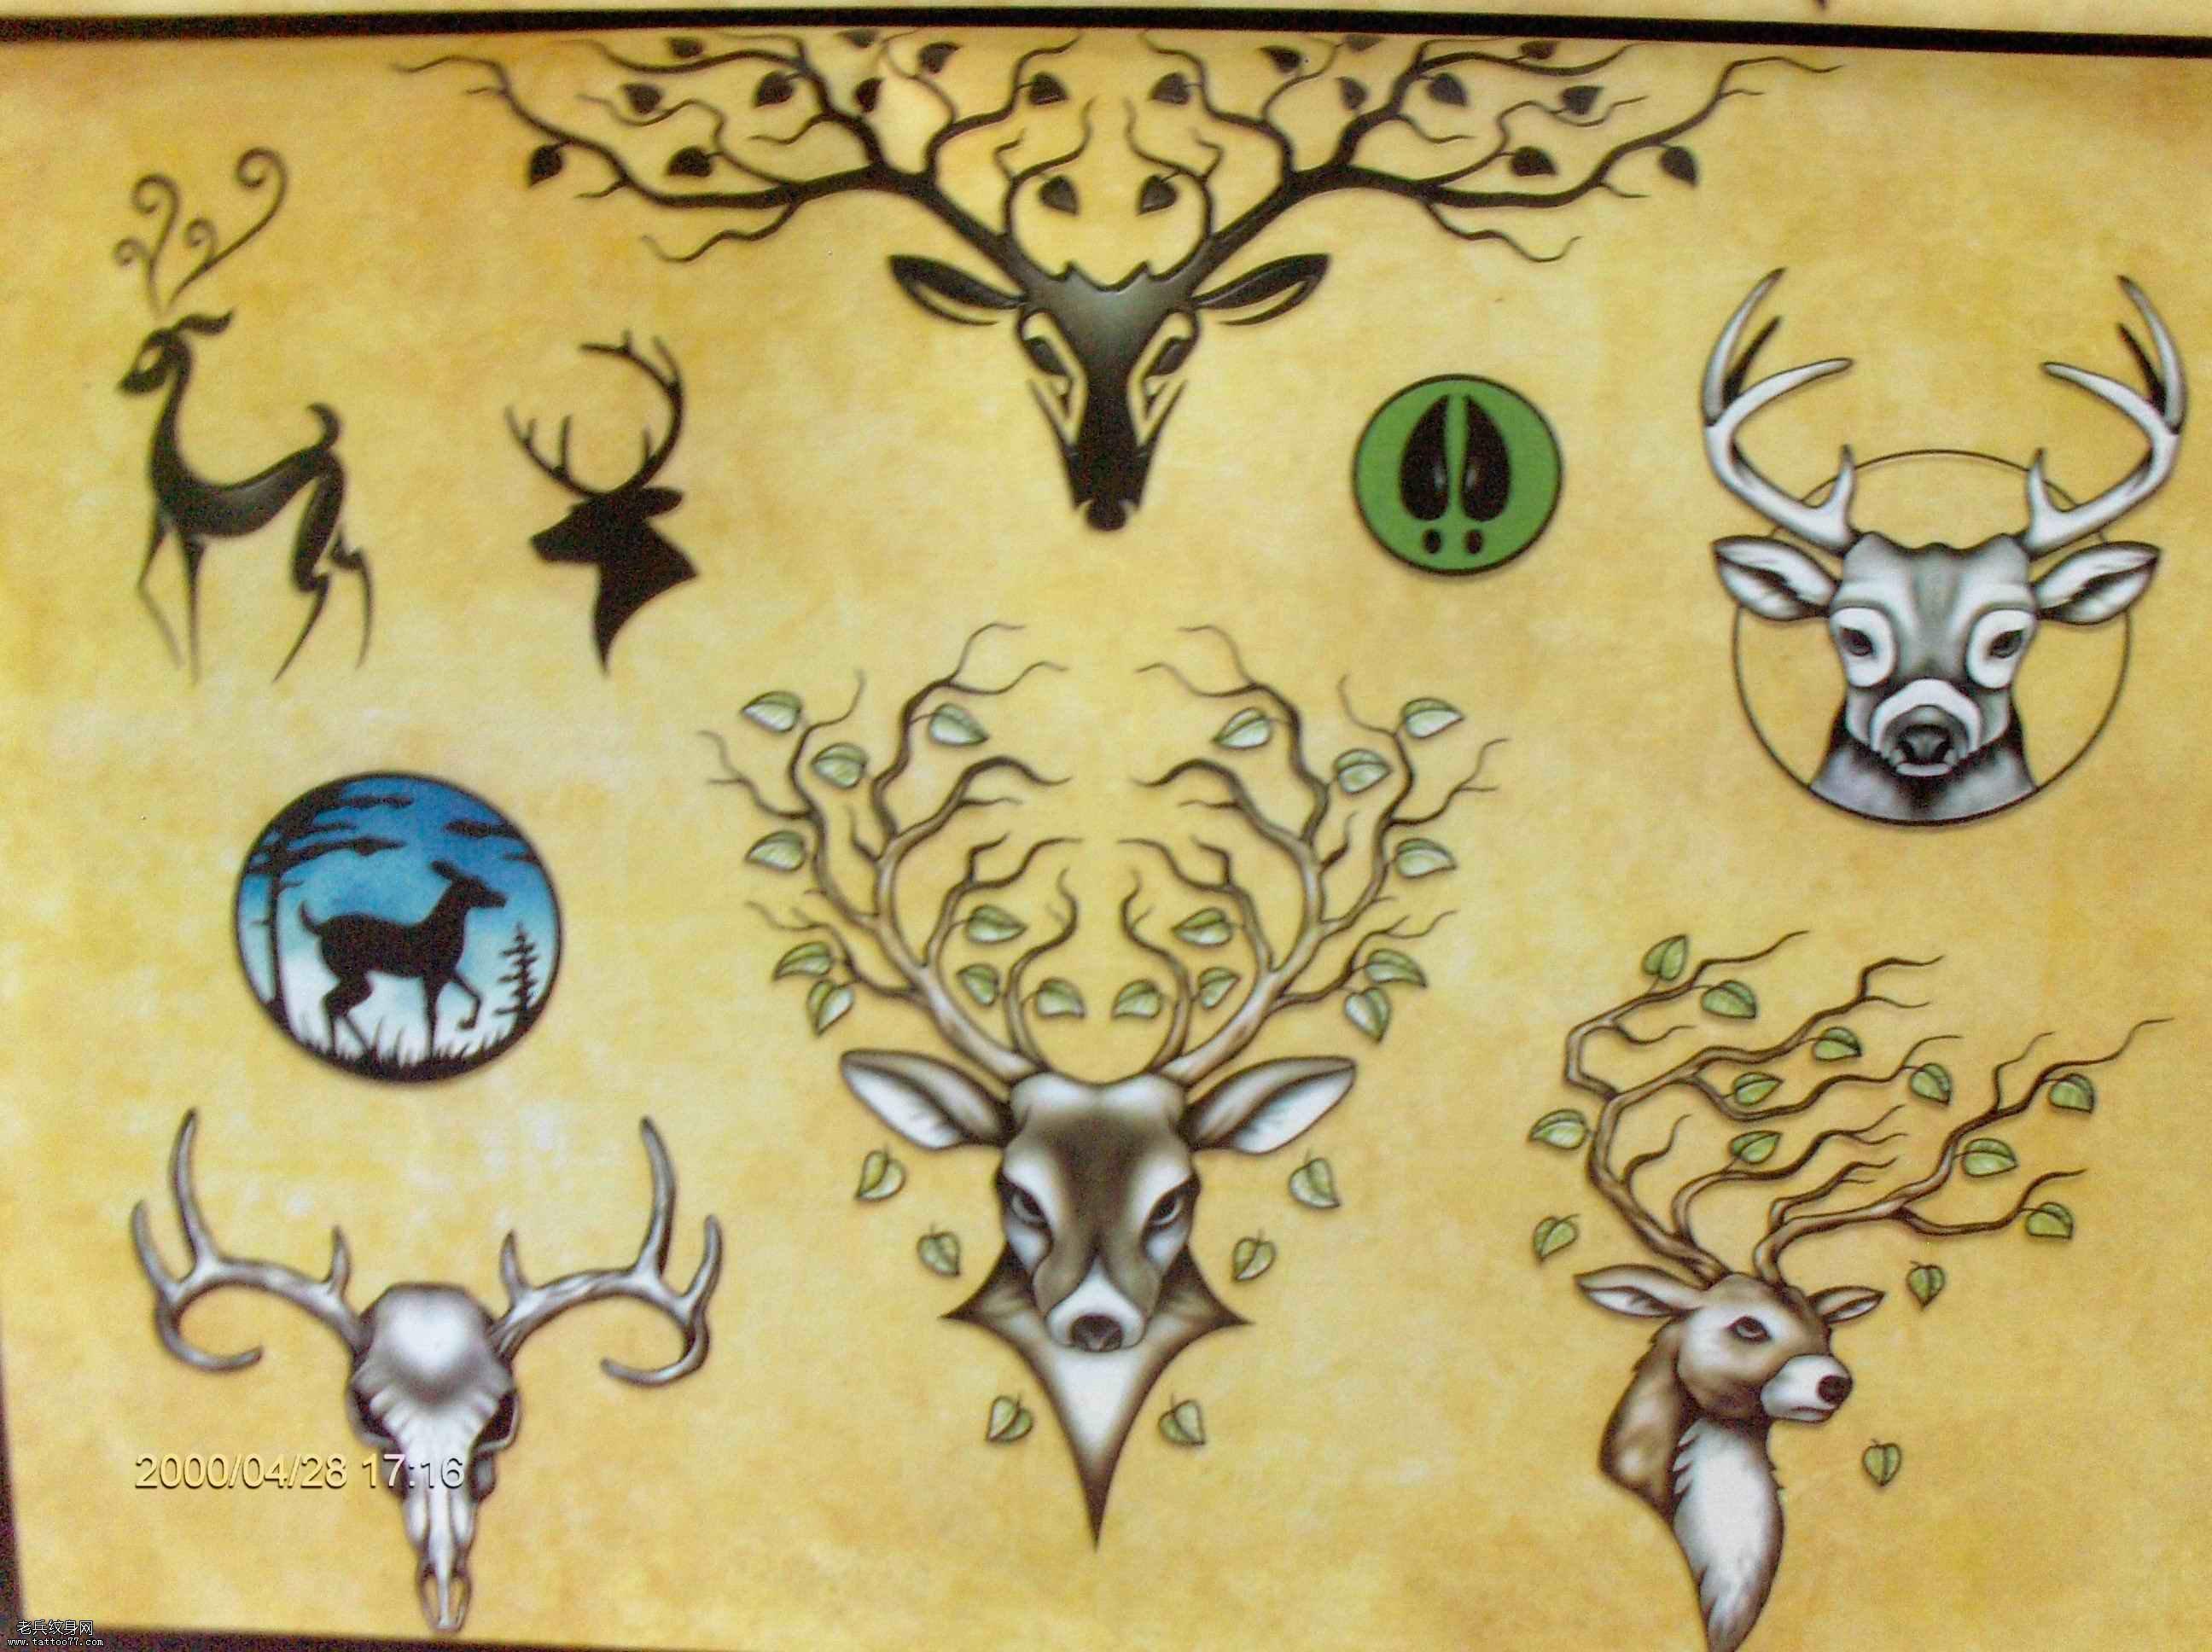 鹿纹身_鹿纹身图案大全_鹿纹身手稿_鹿纹身图片 - 858图片